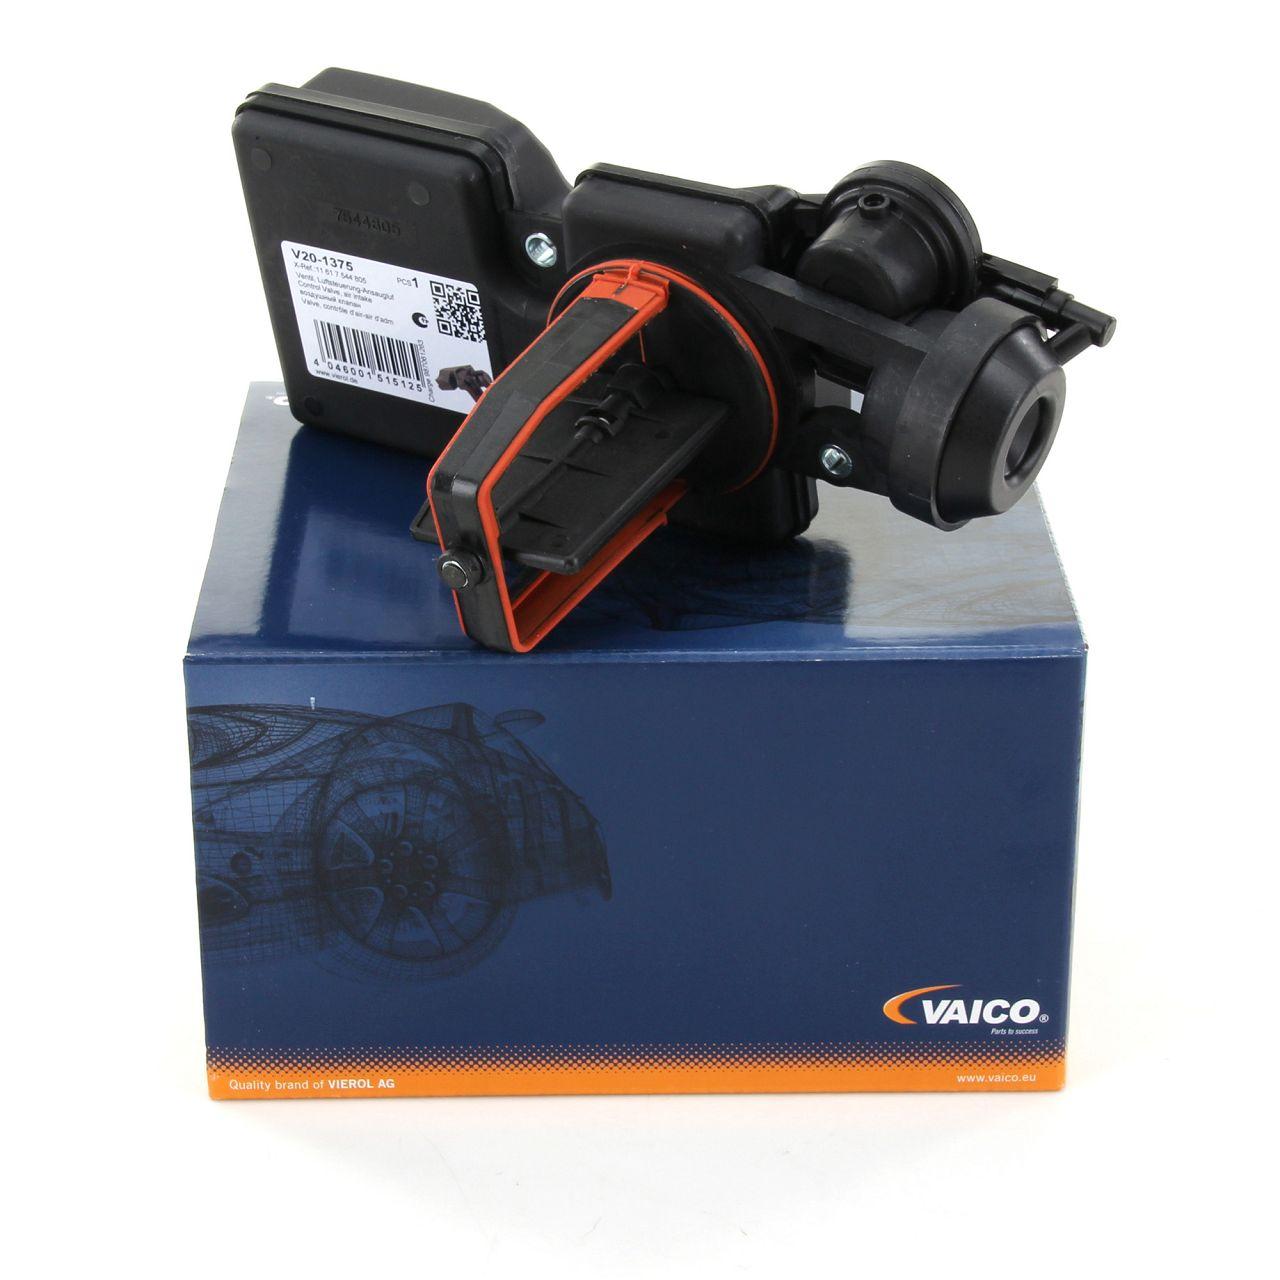 VAICO Verstelleinheit DISA Ventil Luftsteuerung Ansaugluft für BMW 3.0i V20-1375